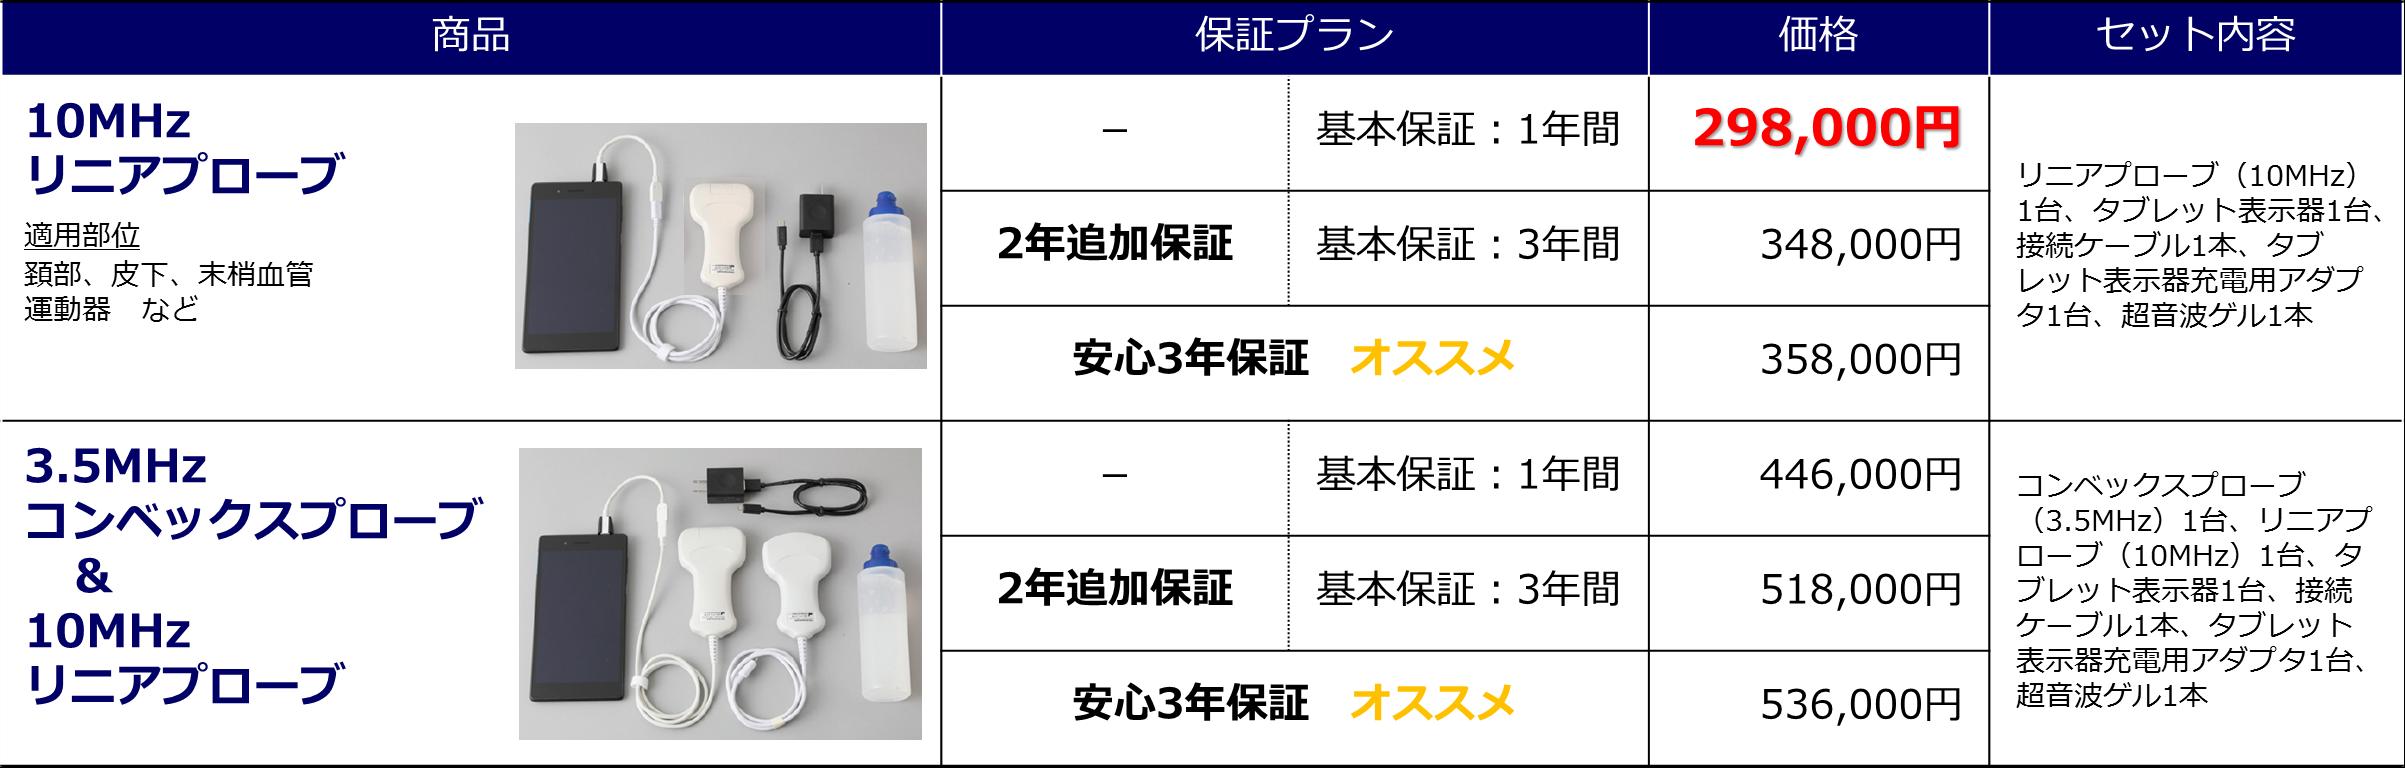 mirucoリニア価格表